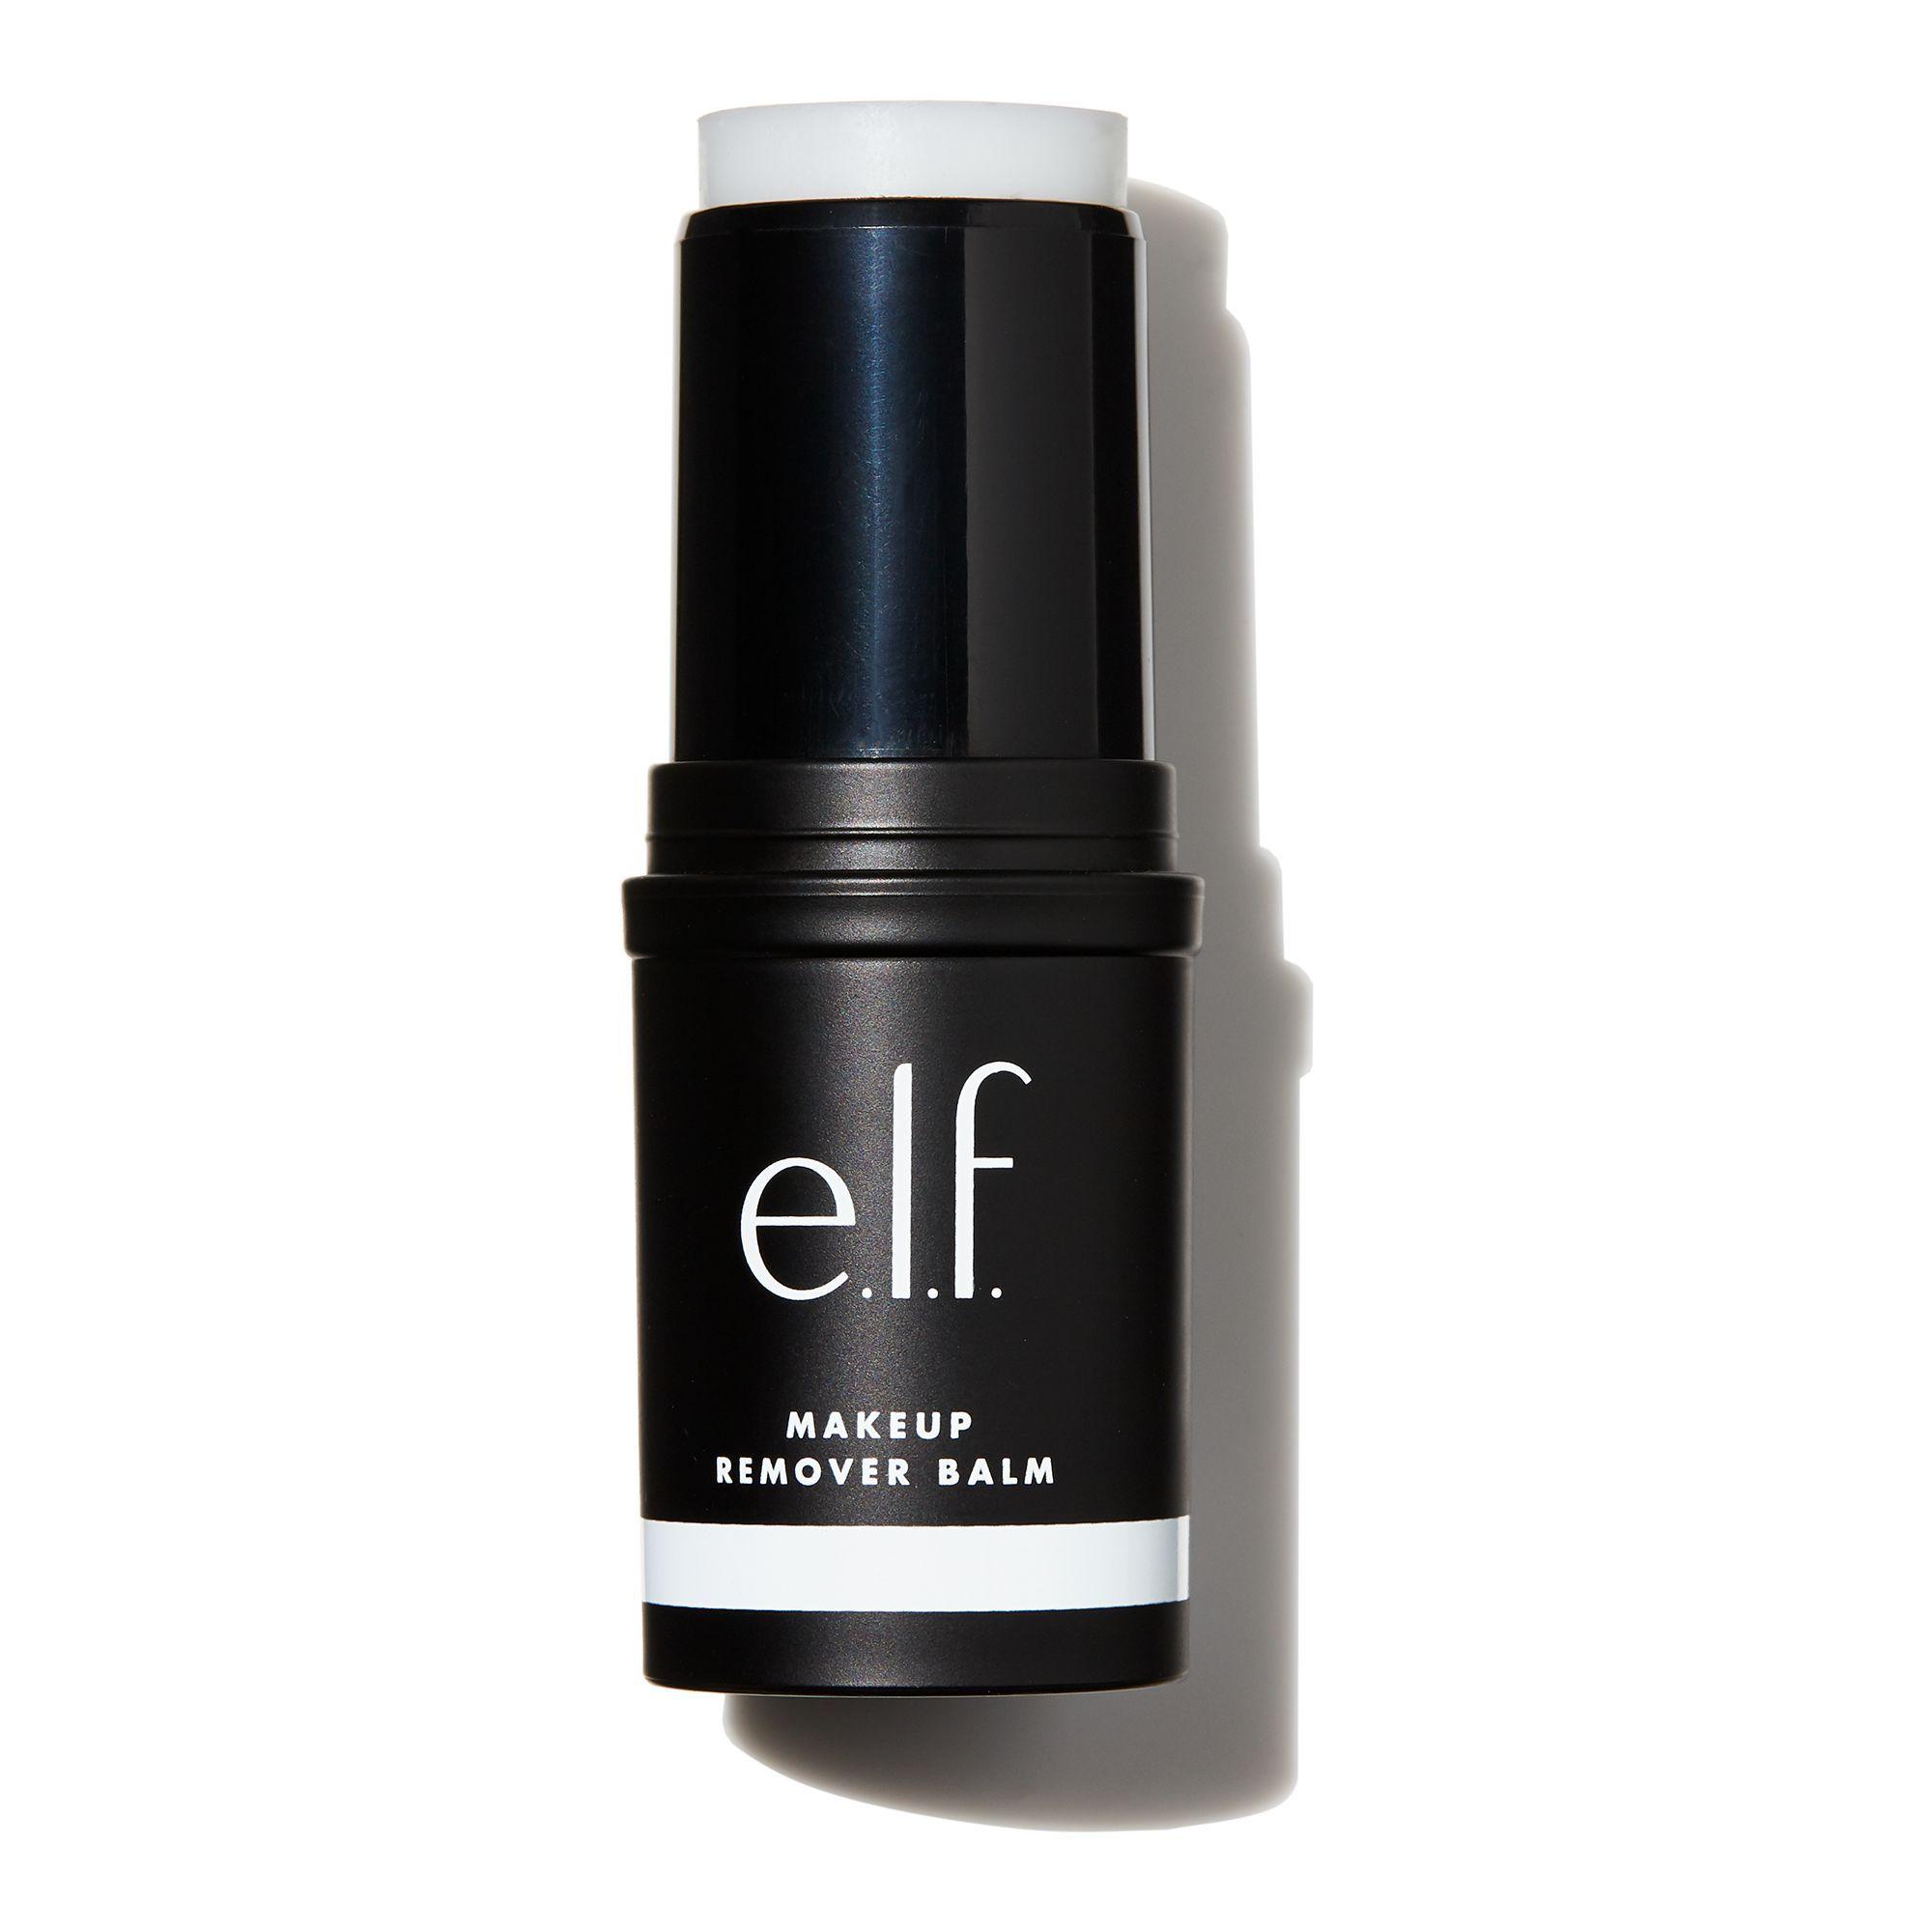 Makeup Remover Balm Stick e.l.f. Cosmetics Cruelty Free